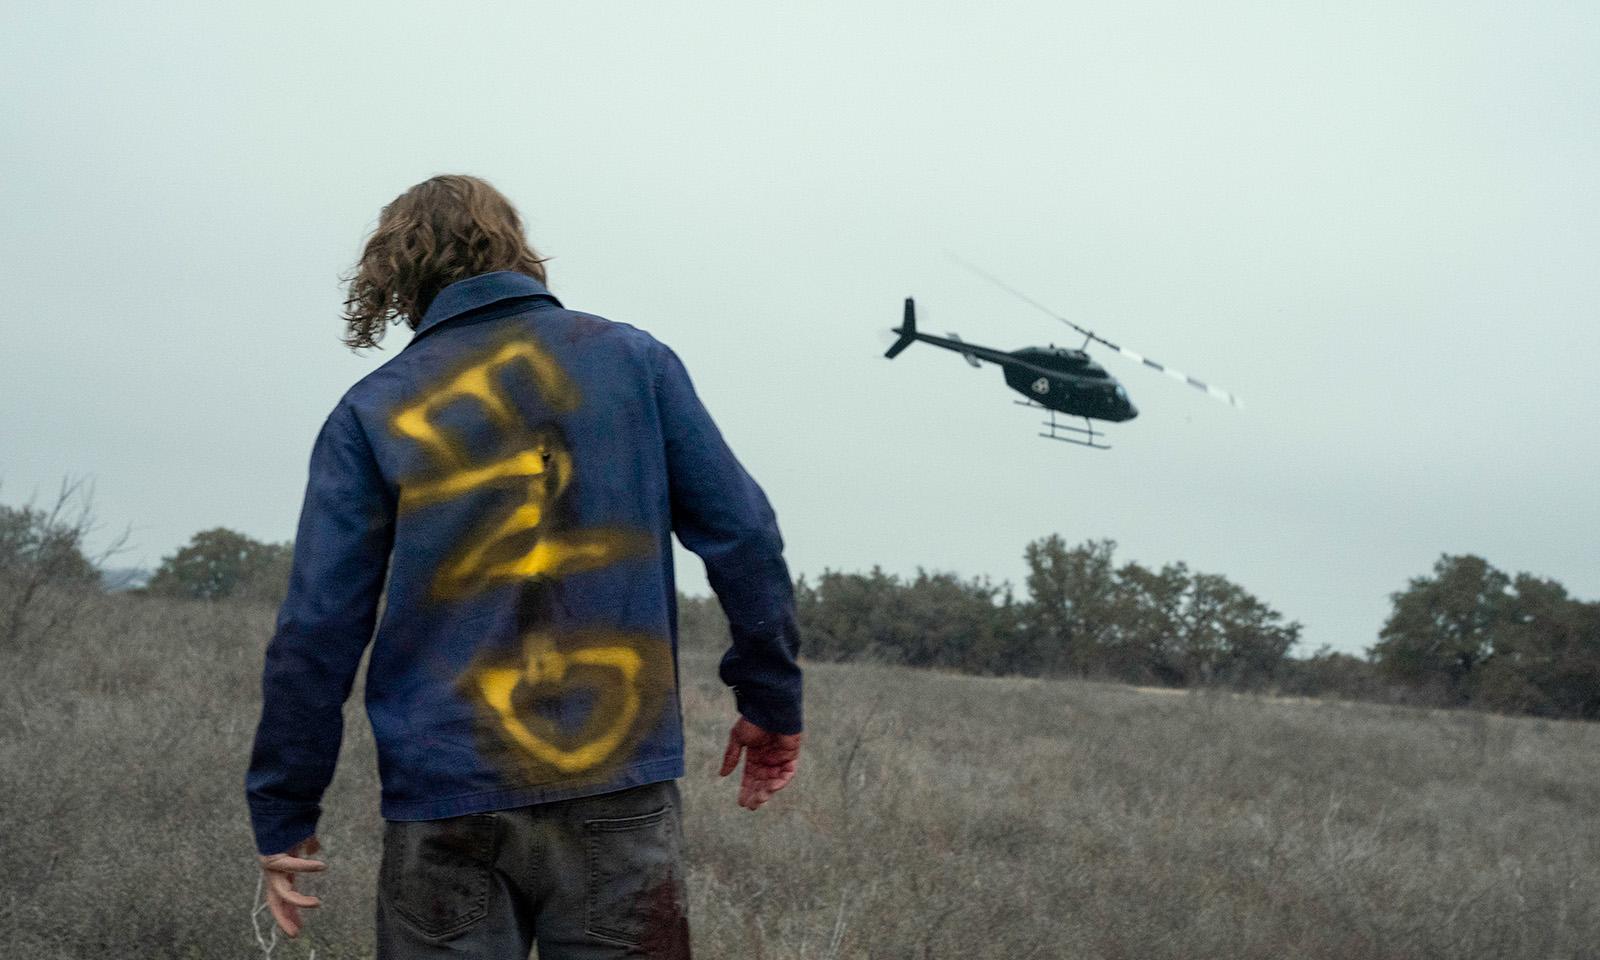 Imagem do episódio final da 6ª temporada de Fear the Walking Dead mostrando um walker seguindo o helicóptero